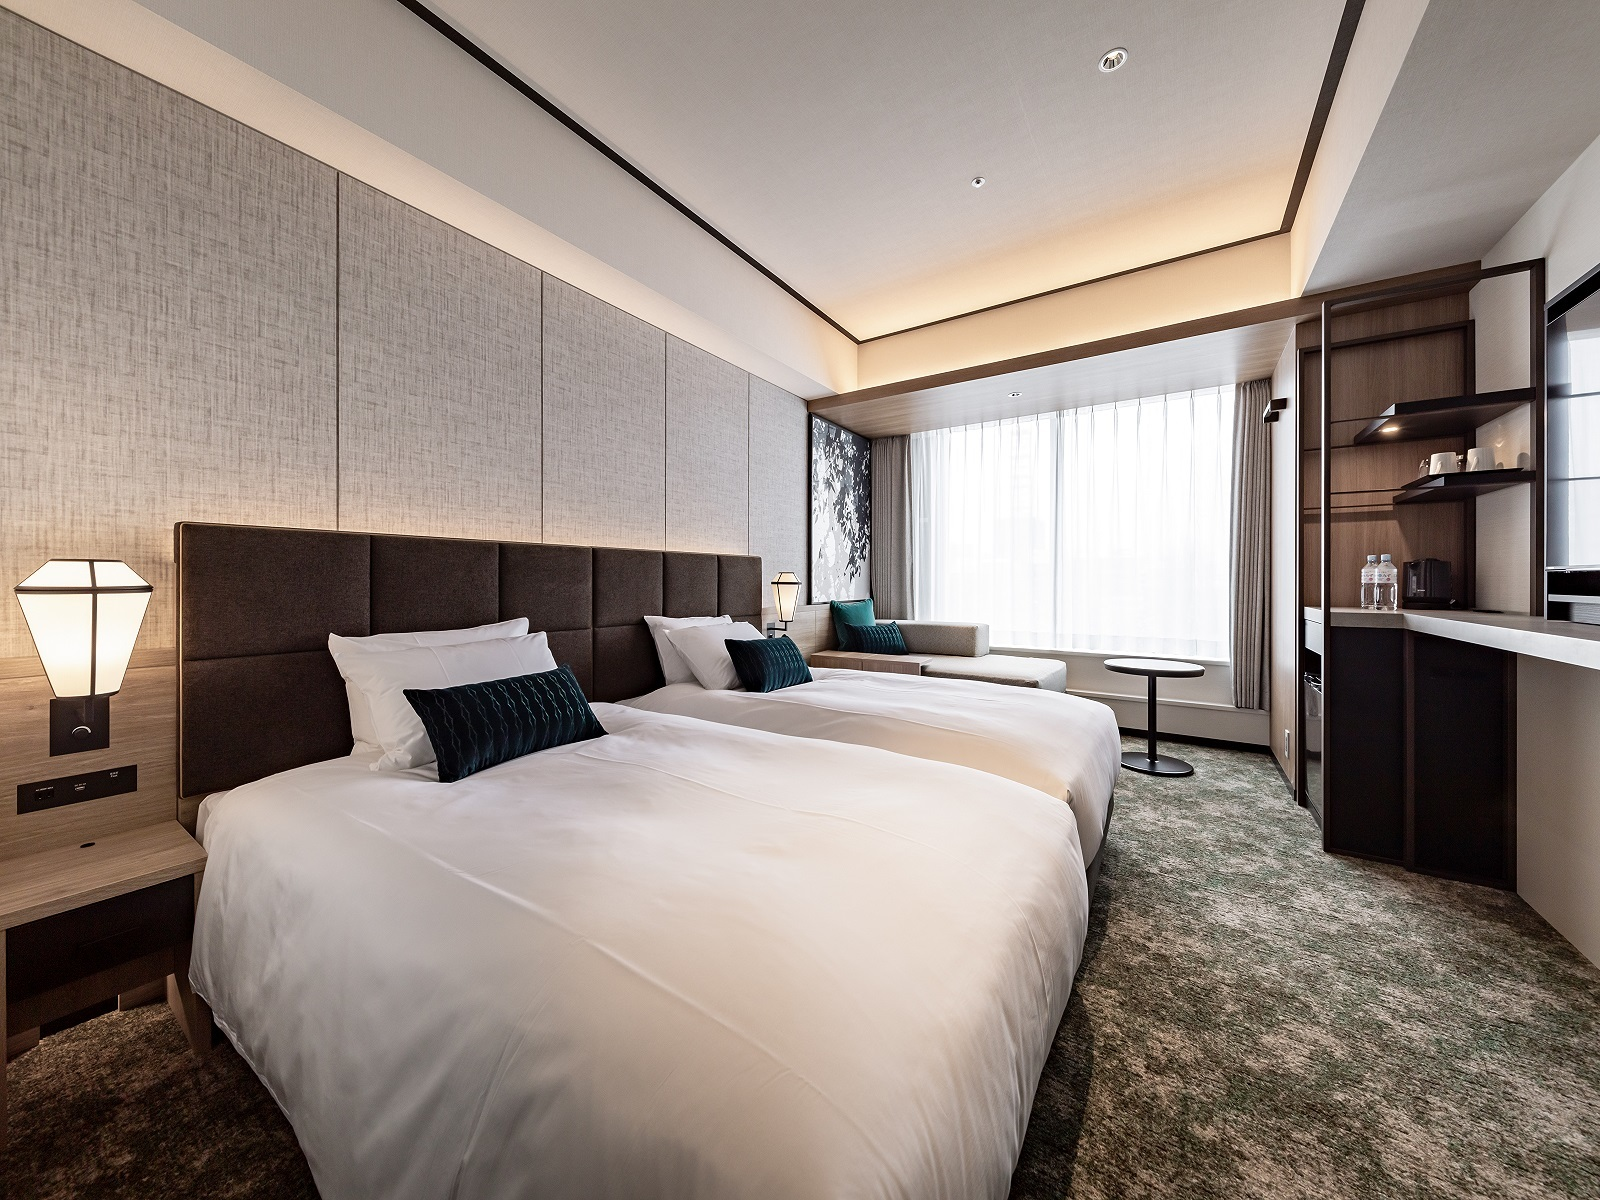 ソラリア西鉄ホテル札幌 ハリウッドツイン